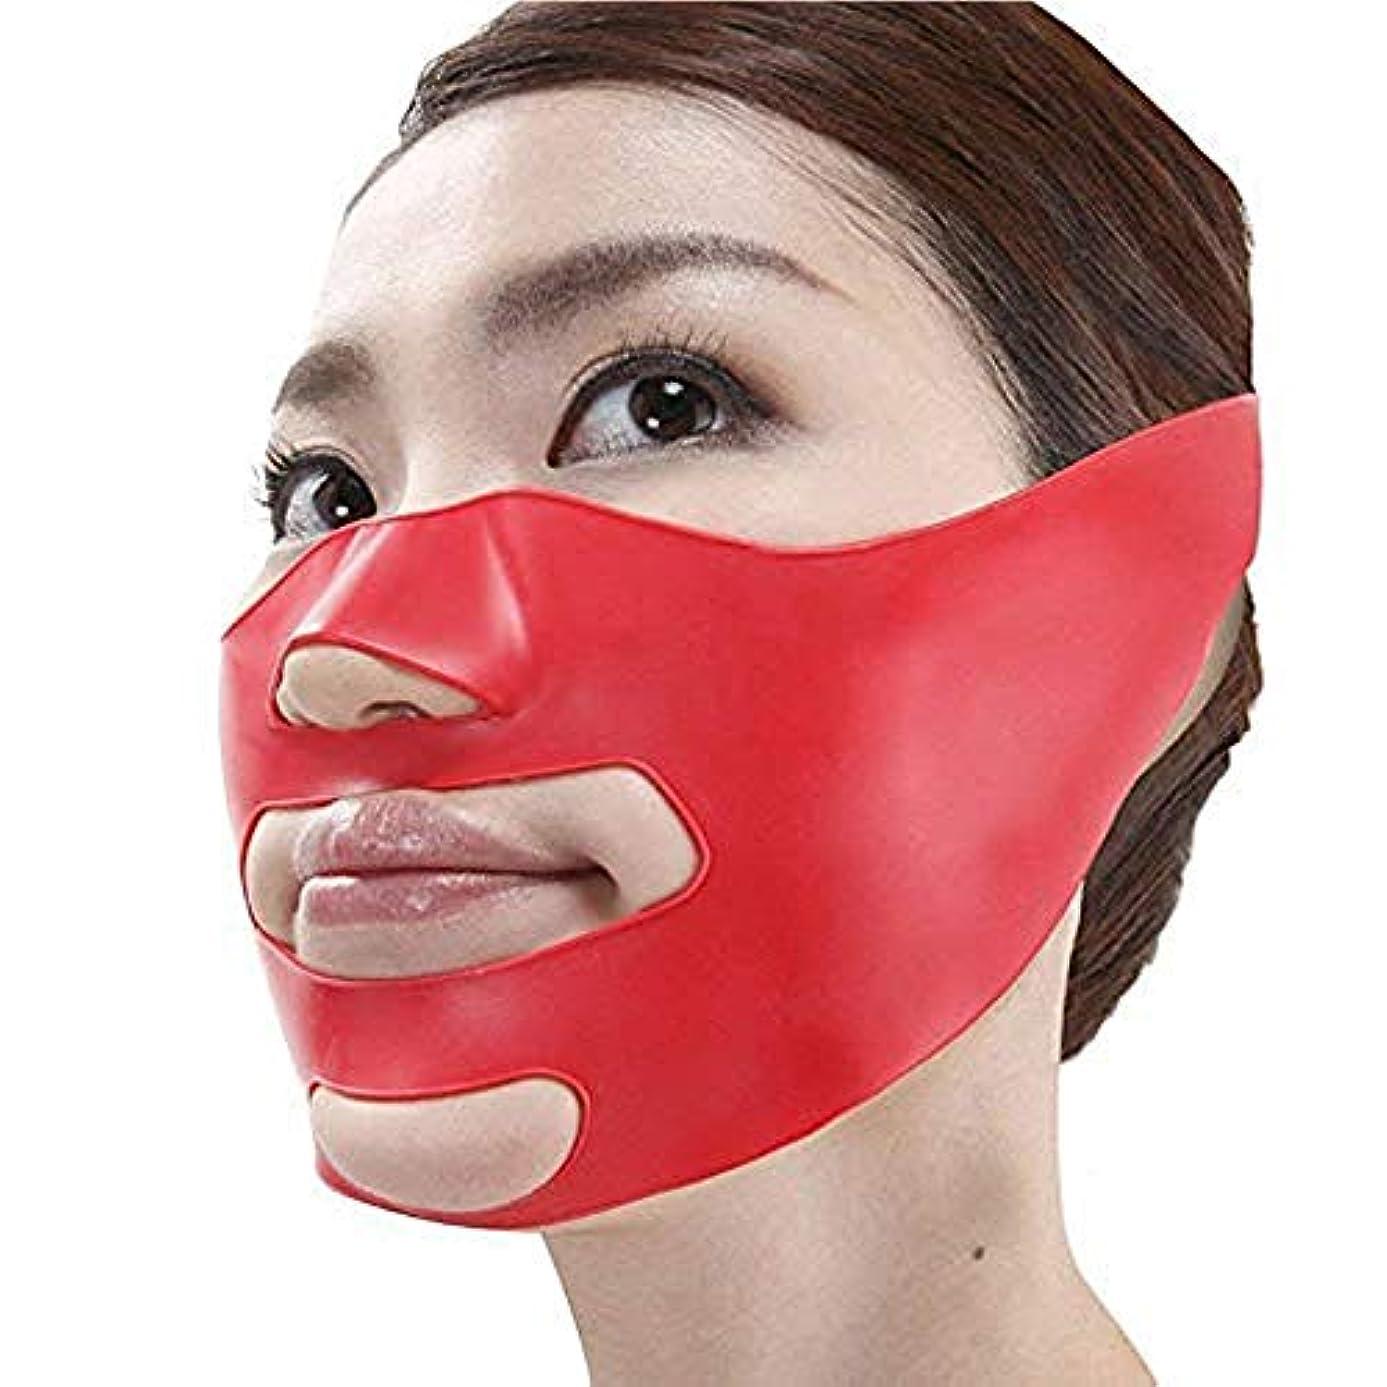 ボット酸っぱい平らなMilent 小顔矯正 マスク 小顔補正ベルト ほうれい線 リフトスリムマスク 3Dエクササイズマスク 法令線予防 抗シワ サウナマスク 美顔 フリーサイズ